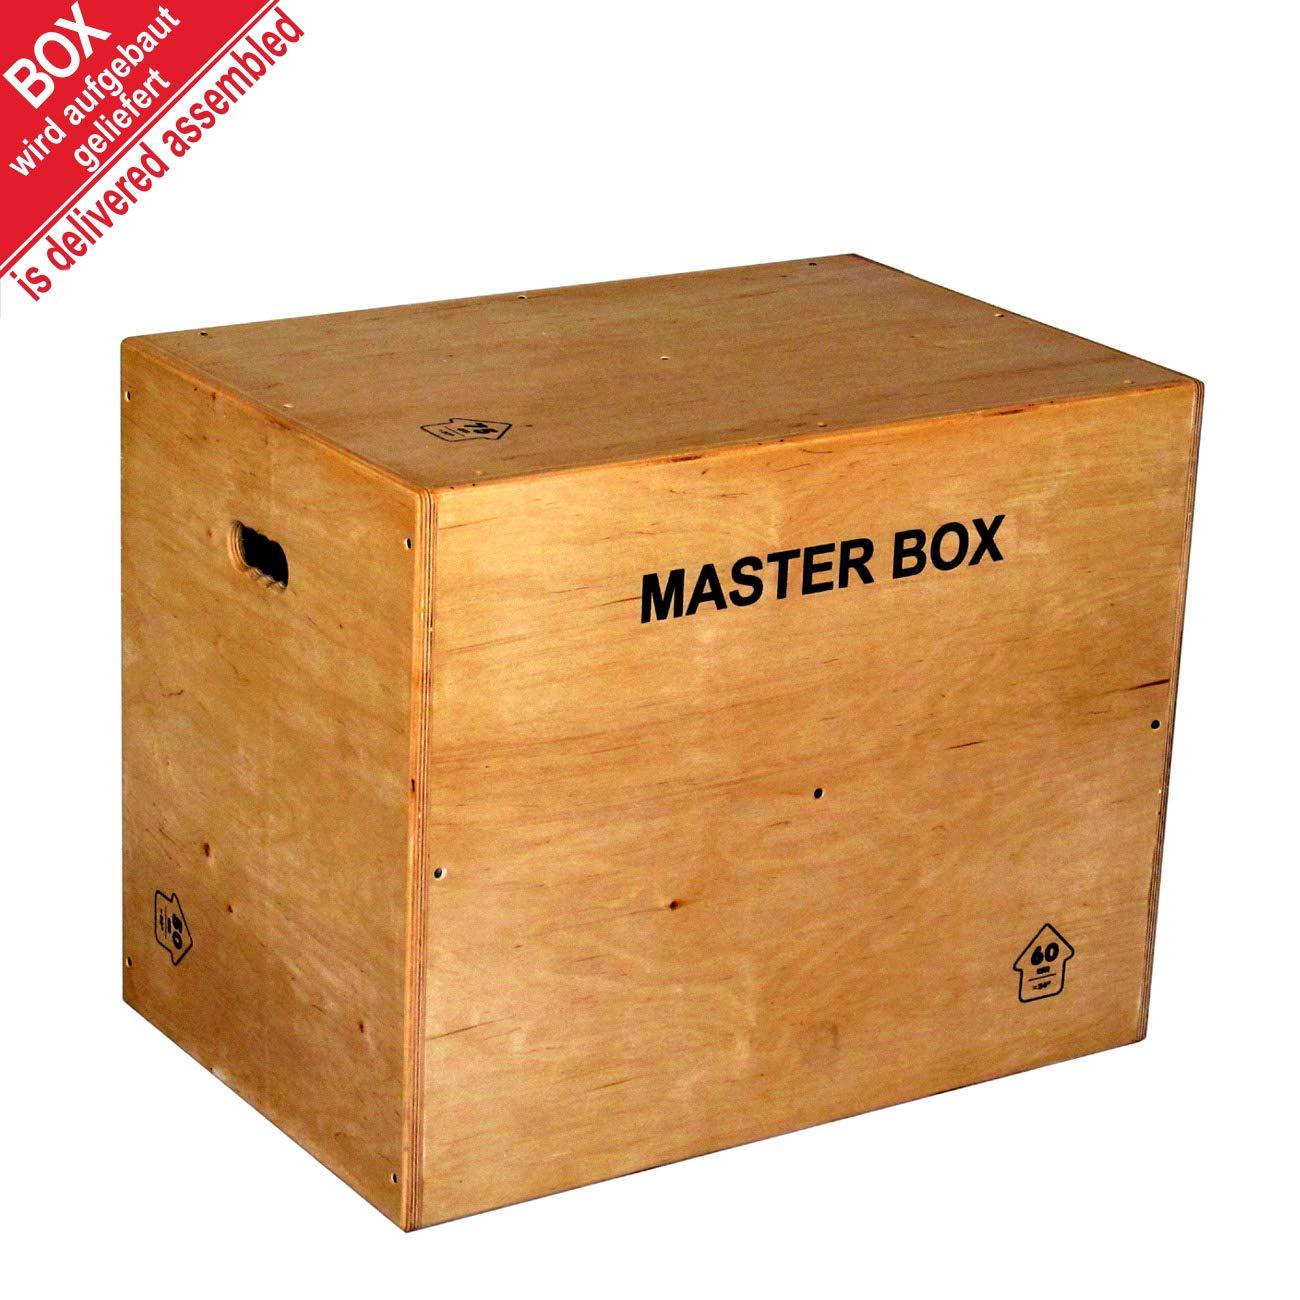 Becker-Sport Germany Fertig aufgebaute Master Box Standard 75 75 75 x 60 x 50 cm, (ca. 30 x 24 x 20 inch), Jump Box, Furnier - Holz Komplett mit Schutzlack überzogen, Kanten abgefräst und gerundet 1226c7